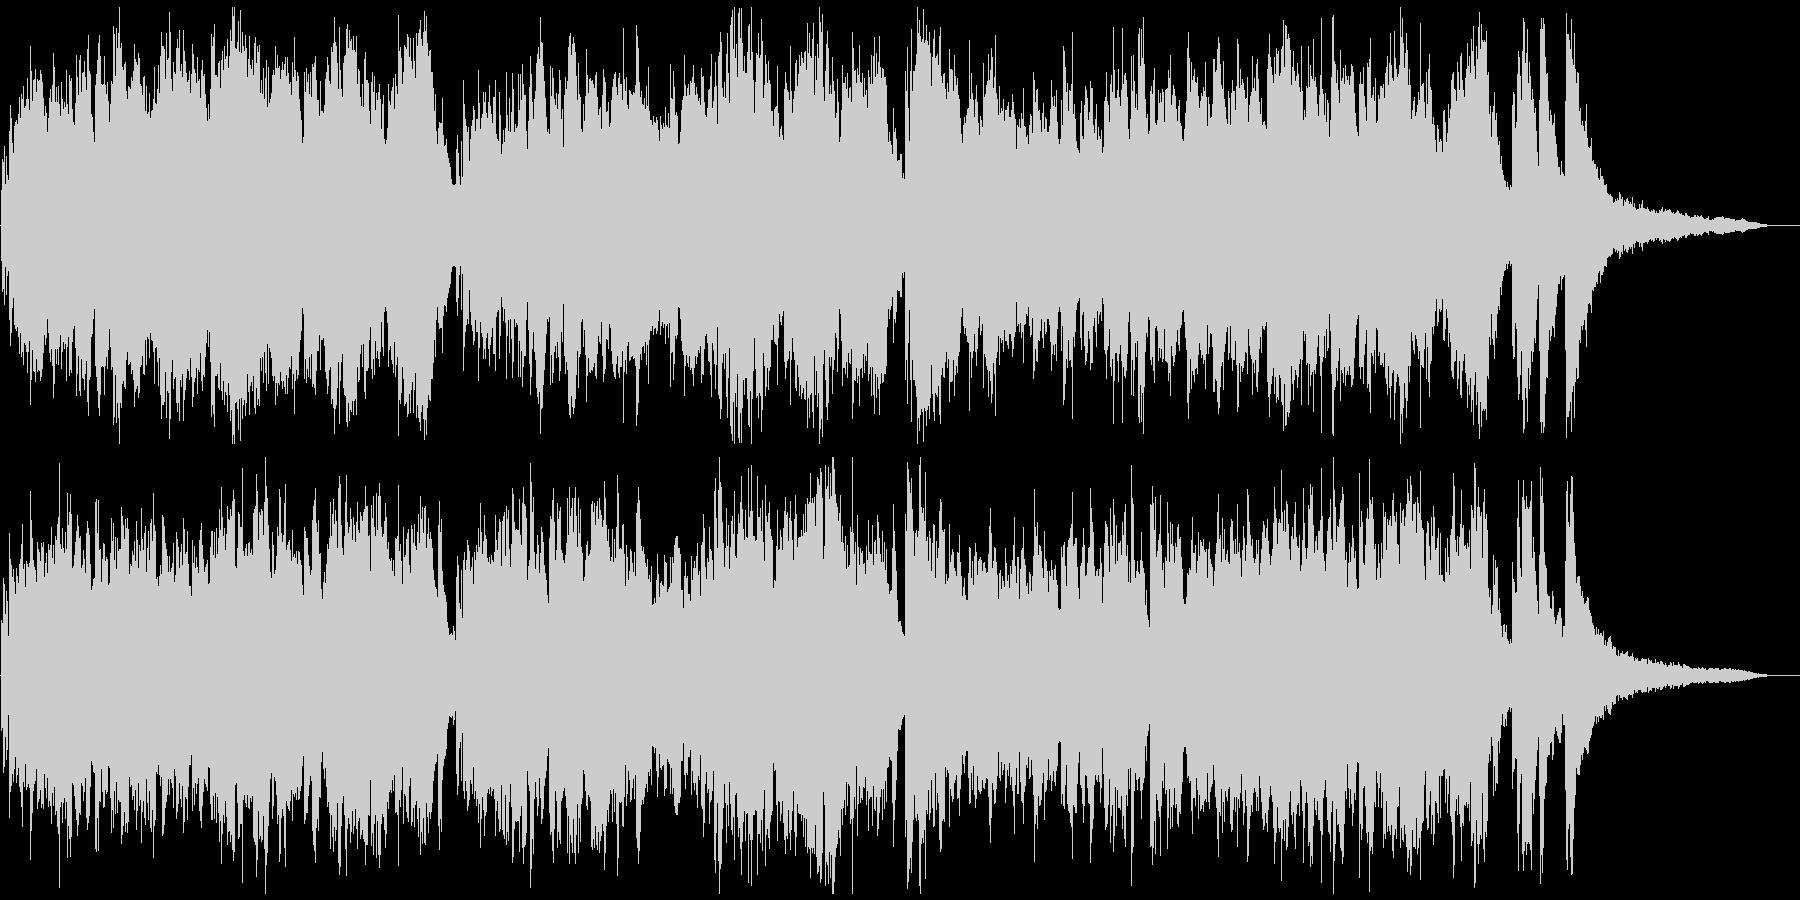 現代音楽風タイムラプス用ピアノソロ3分の未再生の波形